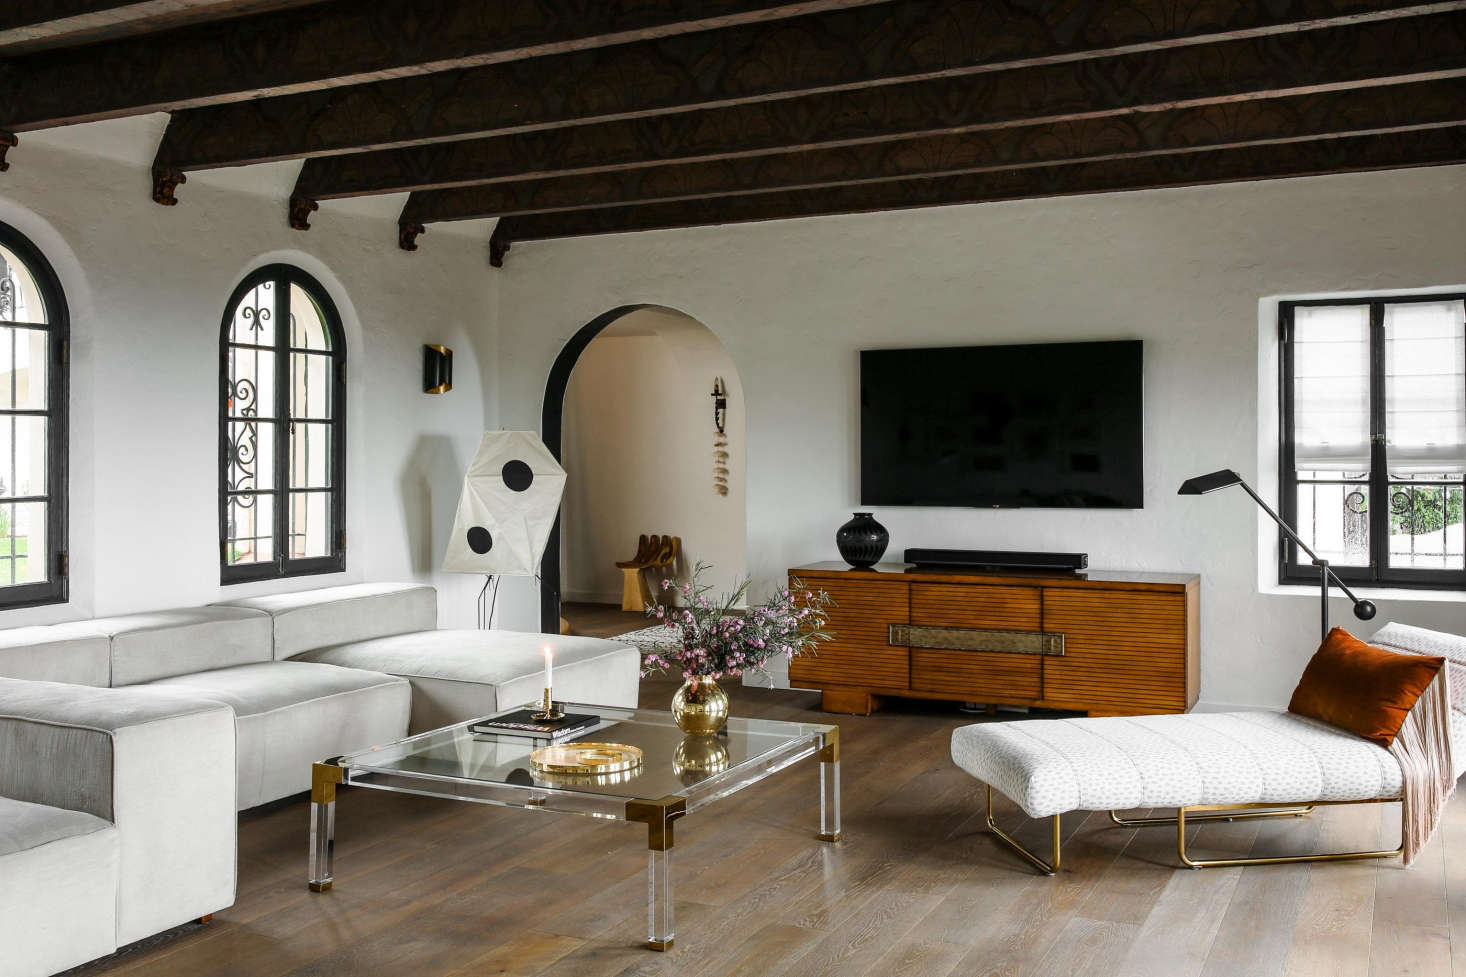 the best living room design 44 Website With Photo Gallery Studio Hus in